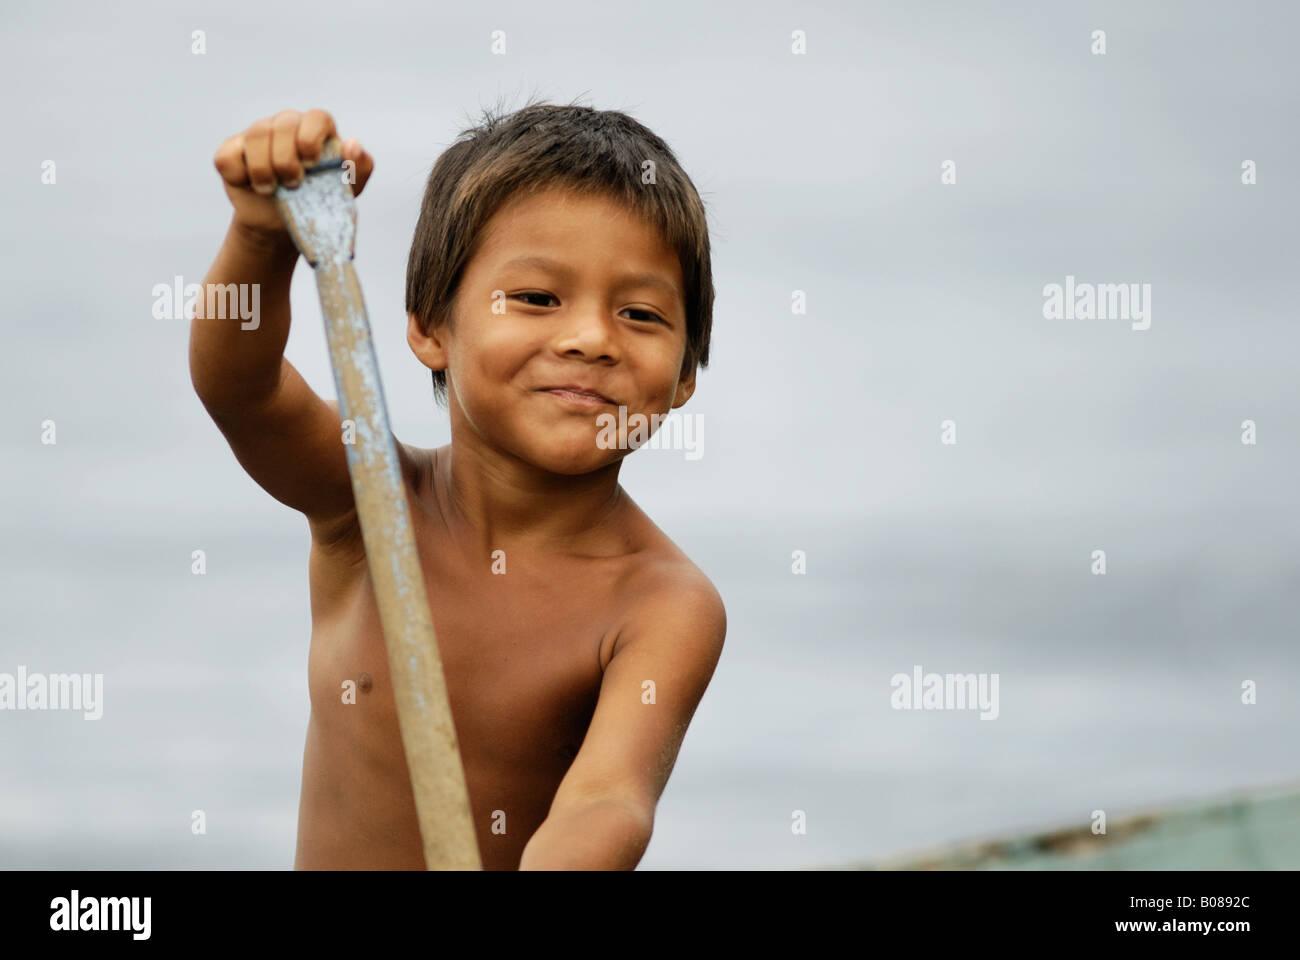 Native Amazon boy paddling a canoe - Stock Image